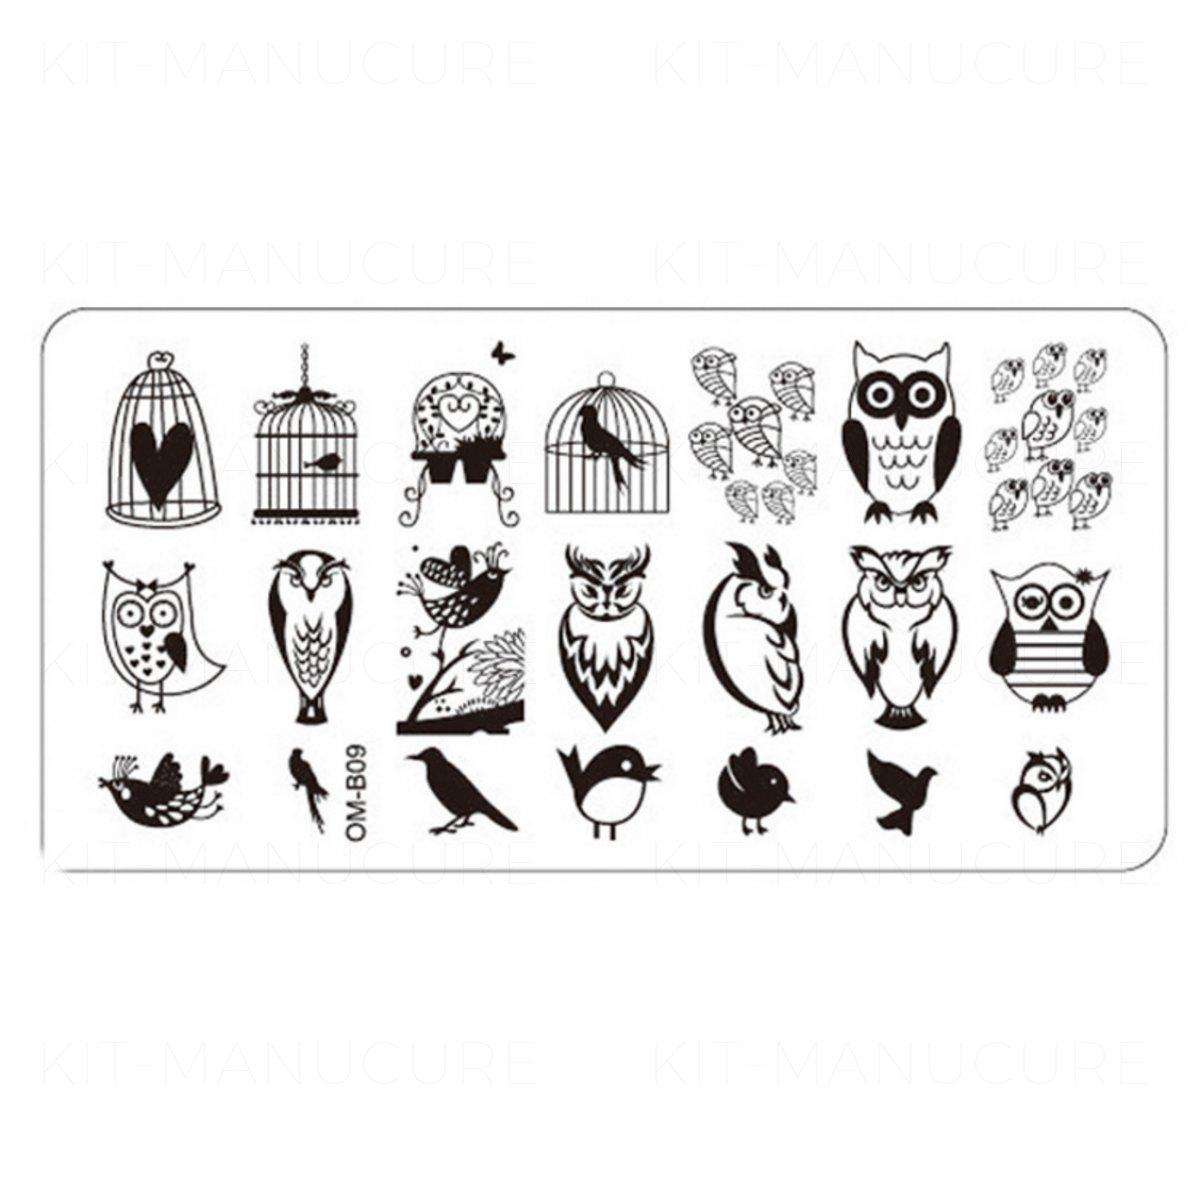 Plaque De Stamping Hibou Chouette Oiseau Et Cage Omb09 intérieur Dessin De Cage D Oiseau